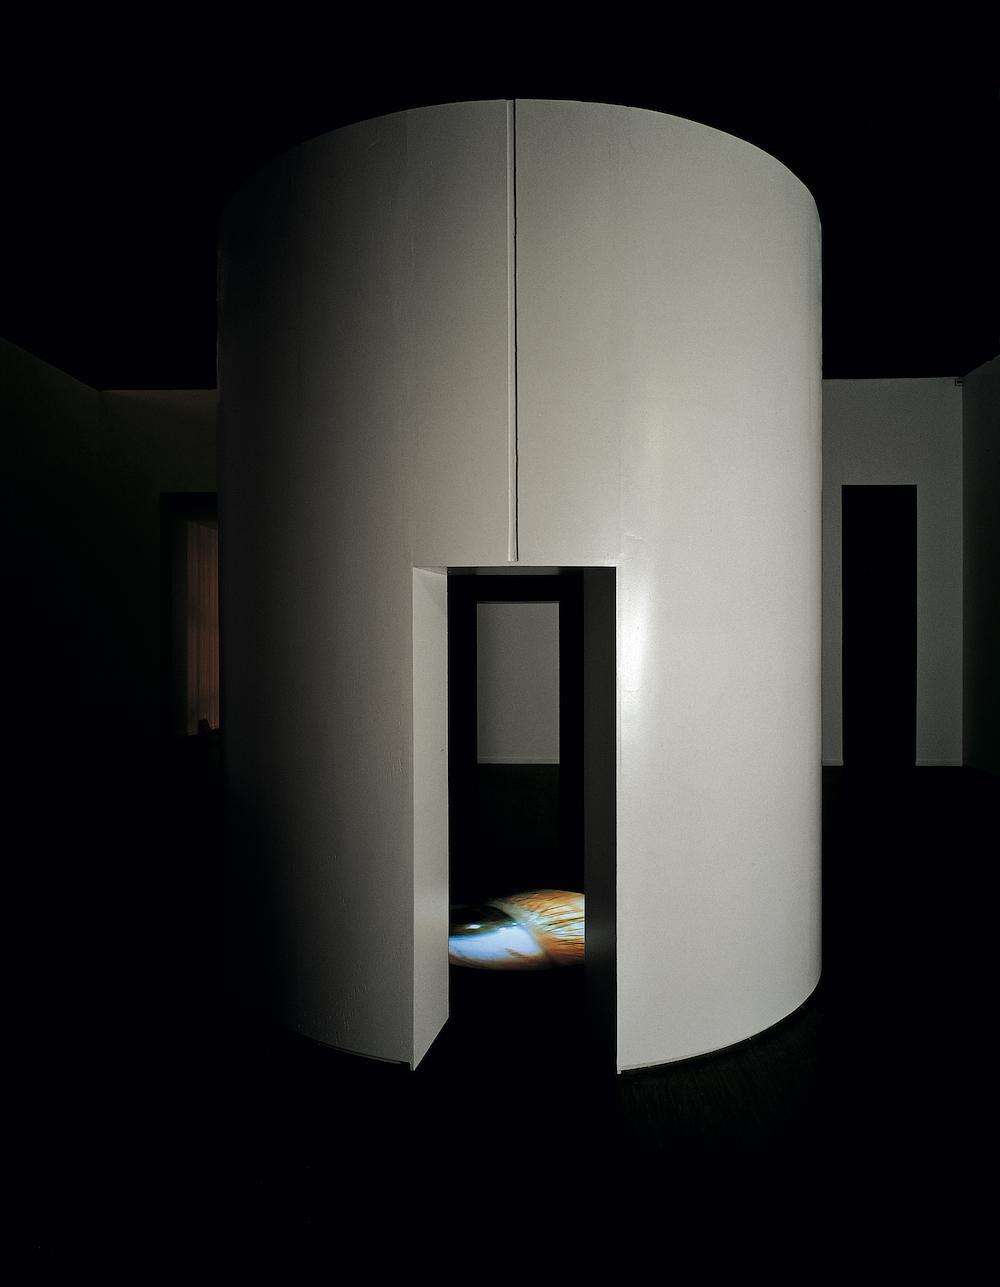 莫娜·哈透姆 | Mona Hatoum,《陌生身体》|Corps étranger,1994年.jpg